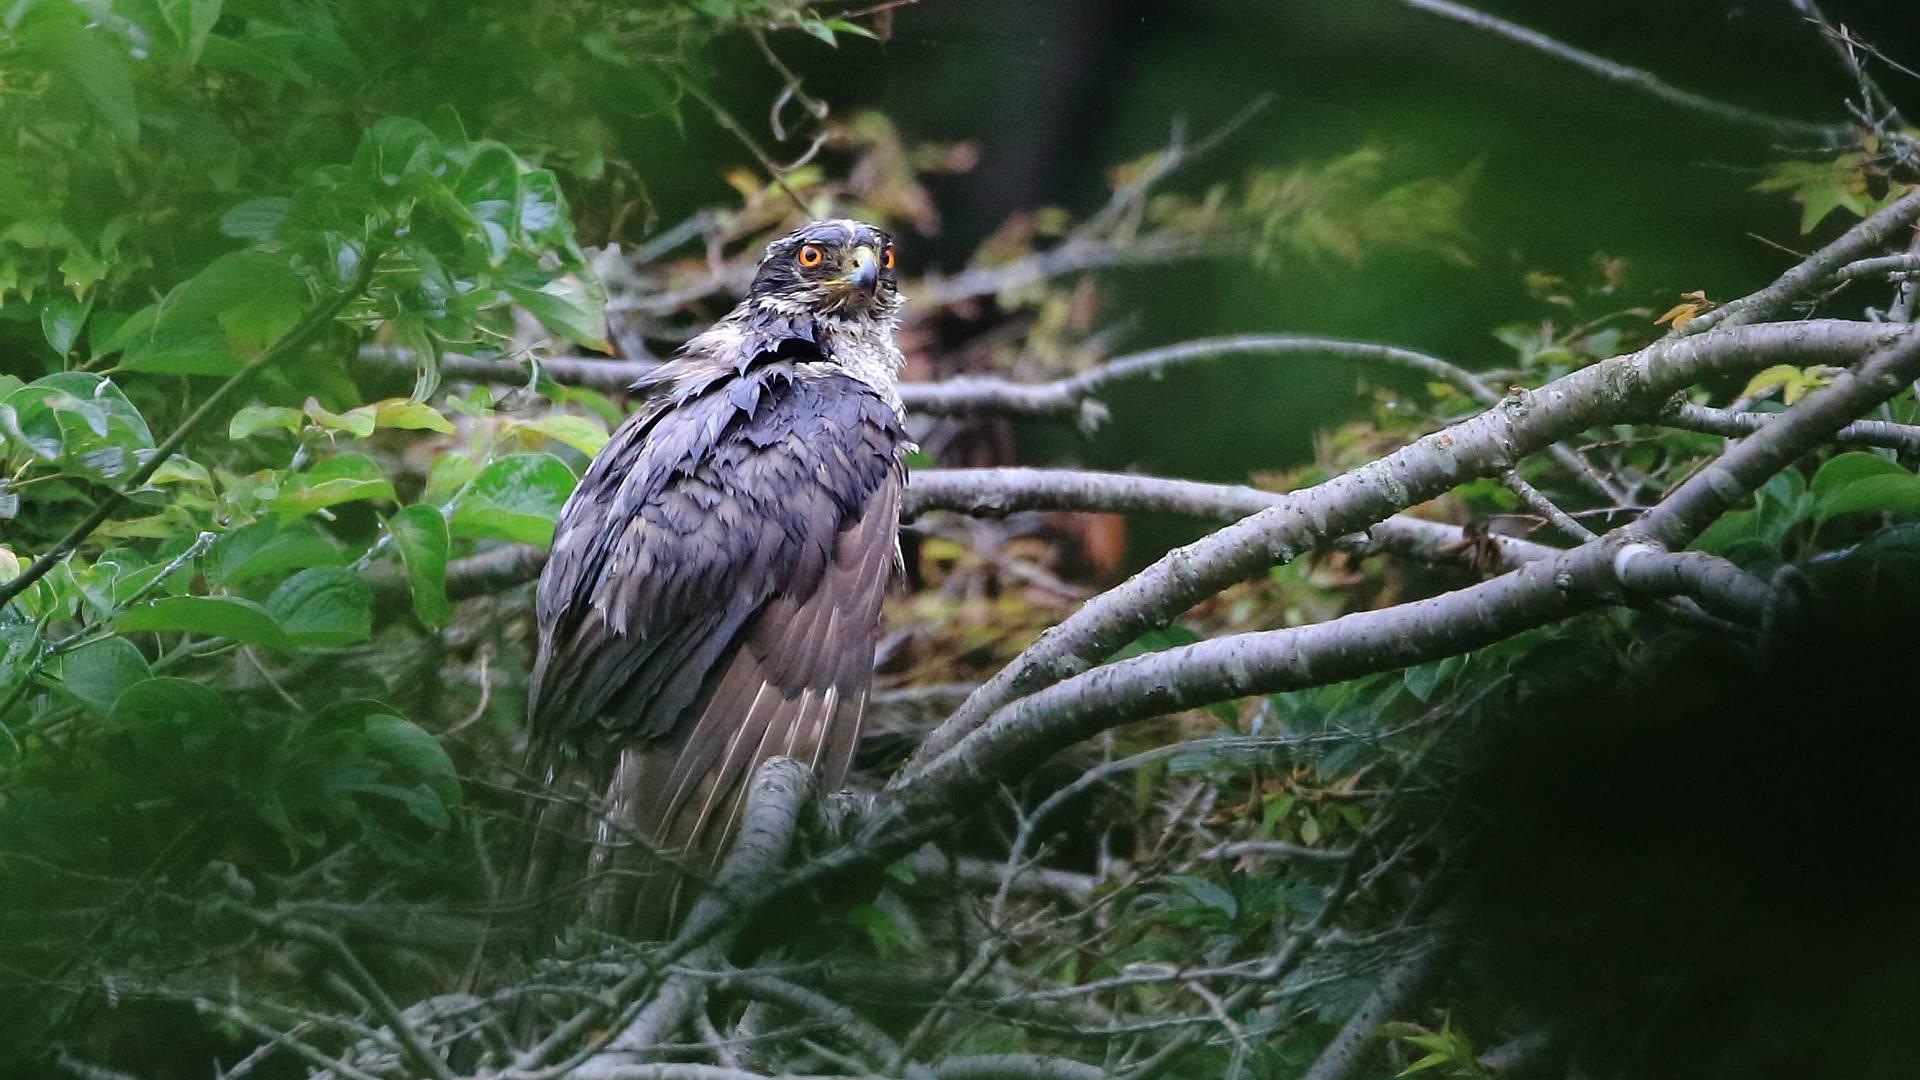 水浴びの後で羽根を乾かすオオタカお父さん_f0105570_20240866.jpg